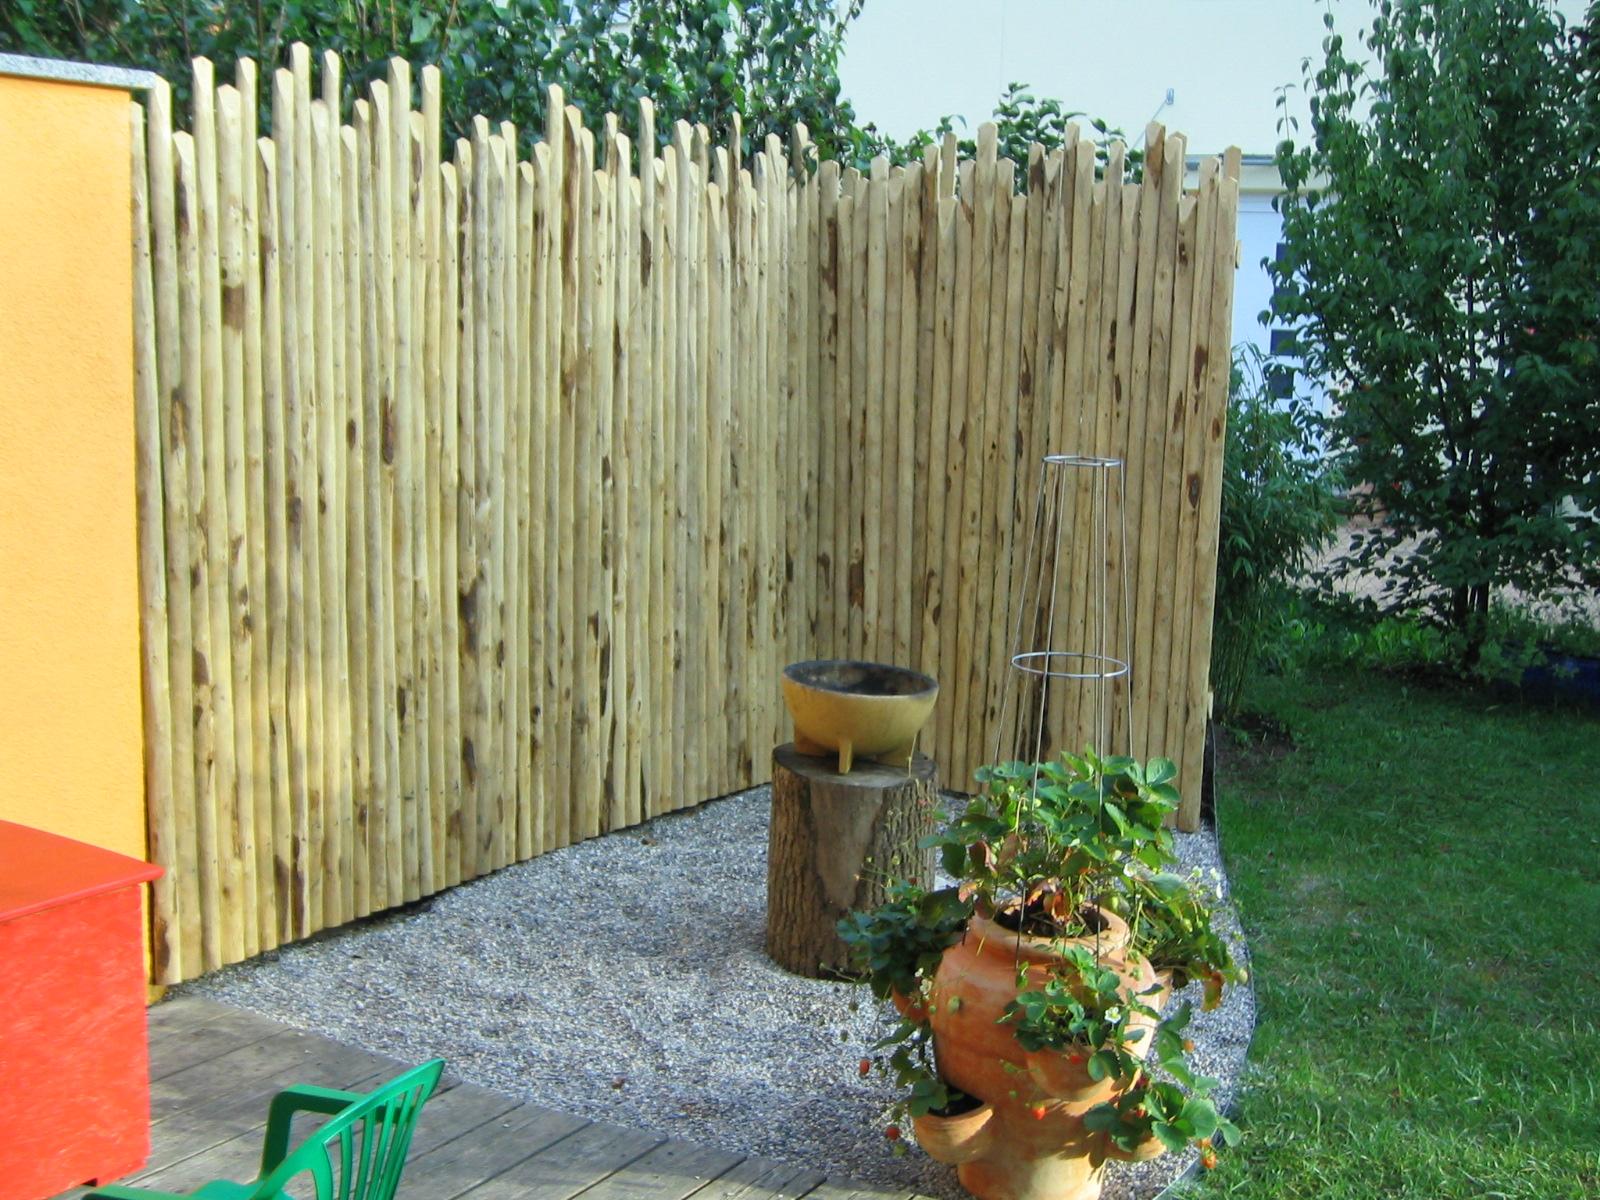 Sichtschutz Terrasse Selber Machen Holz Selber Bauen Sichtschutz